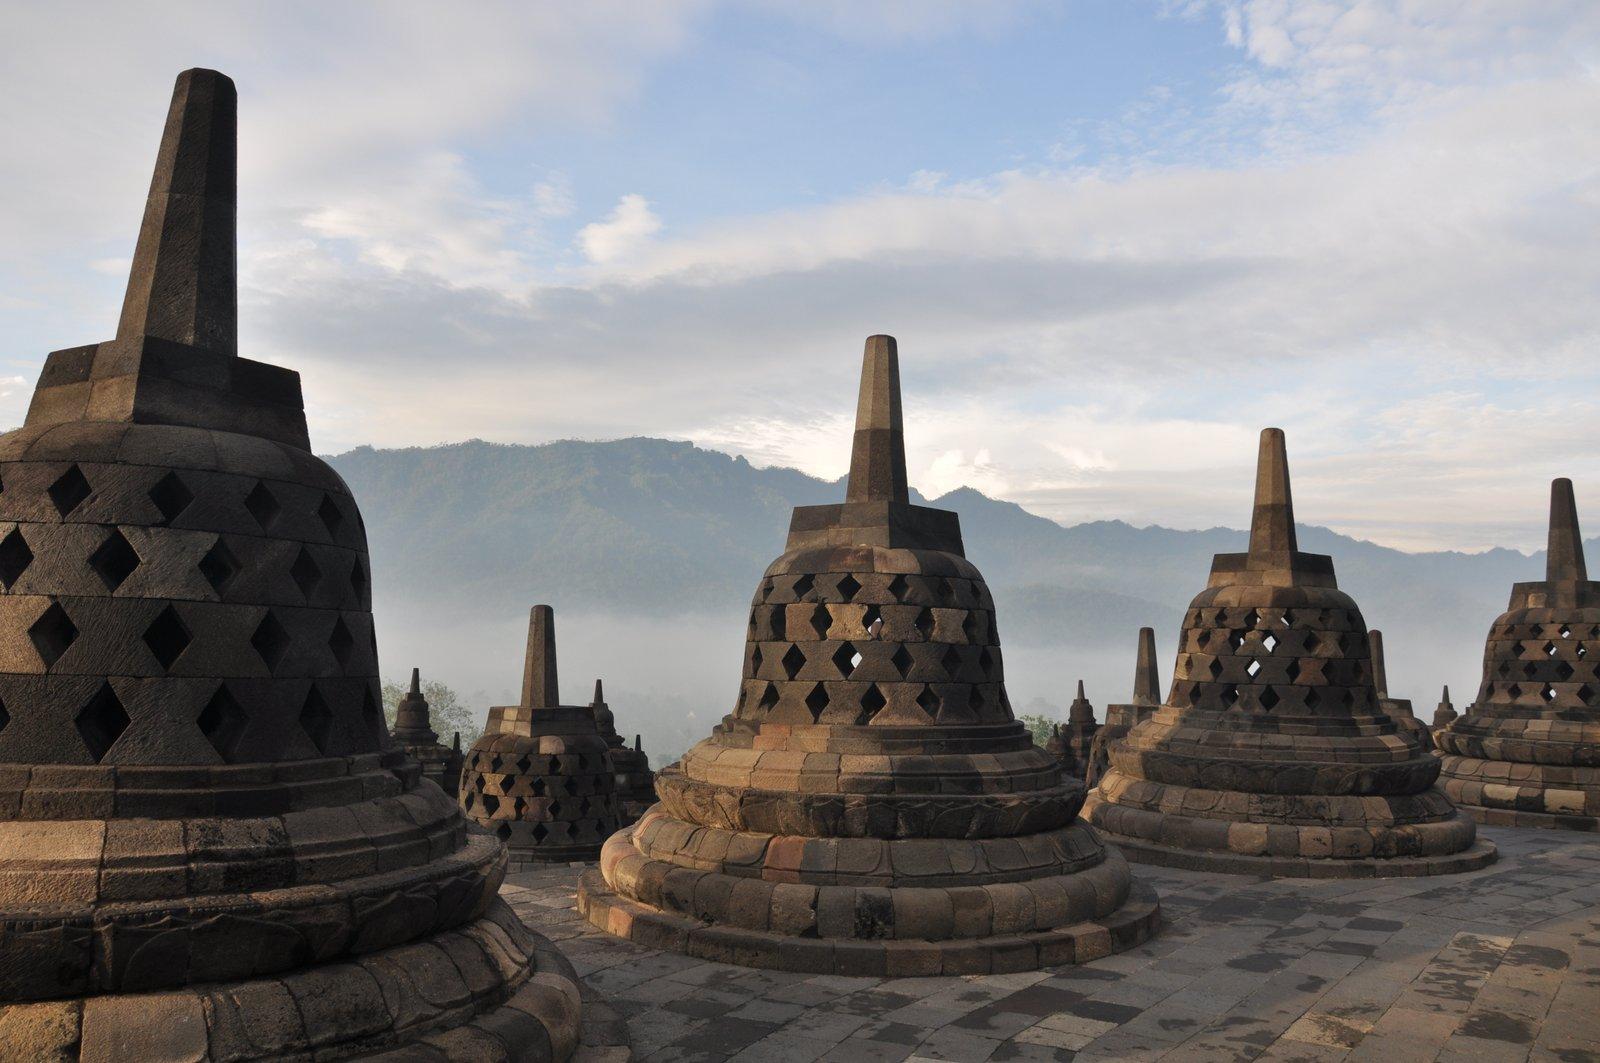 visiter-borobudur-indonesie